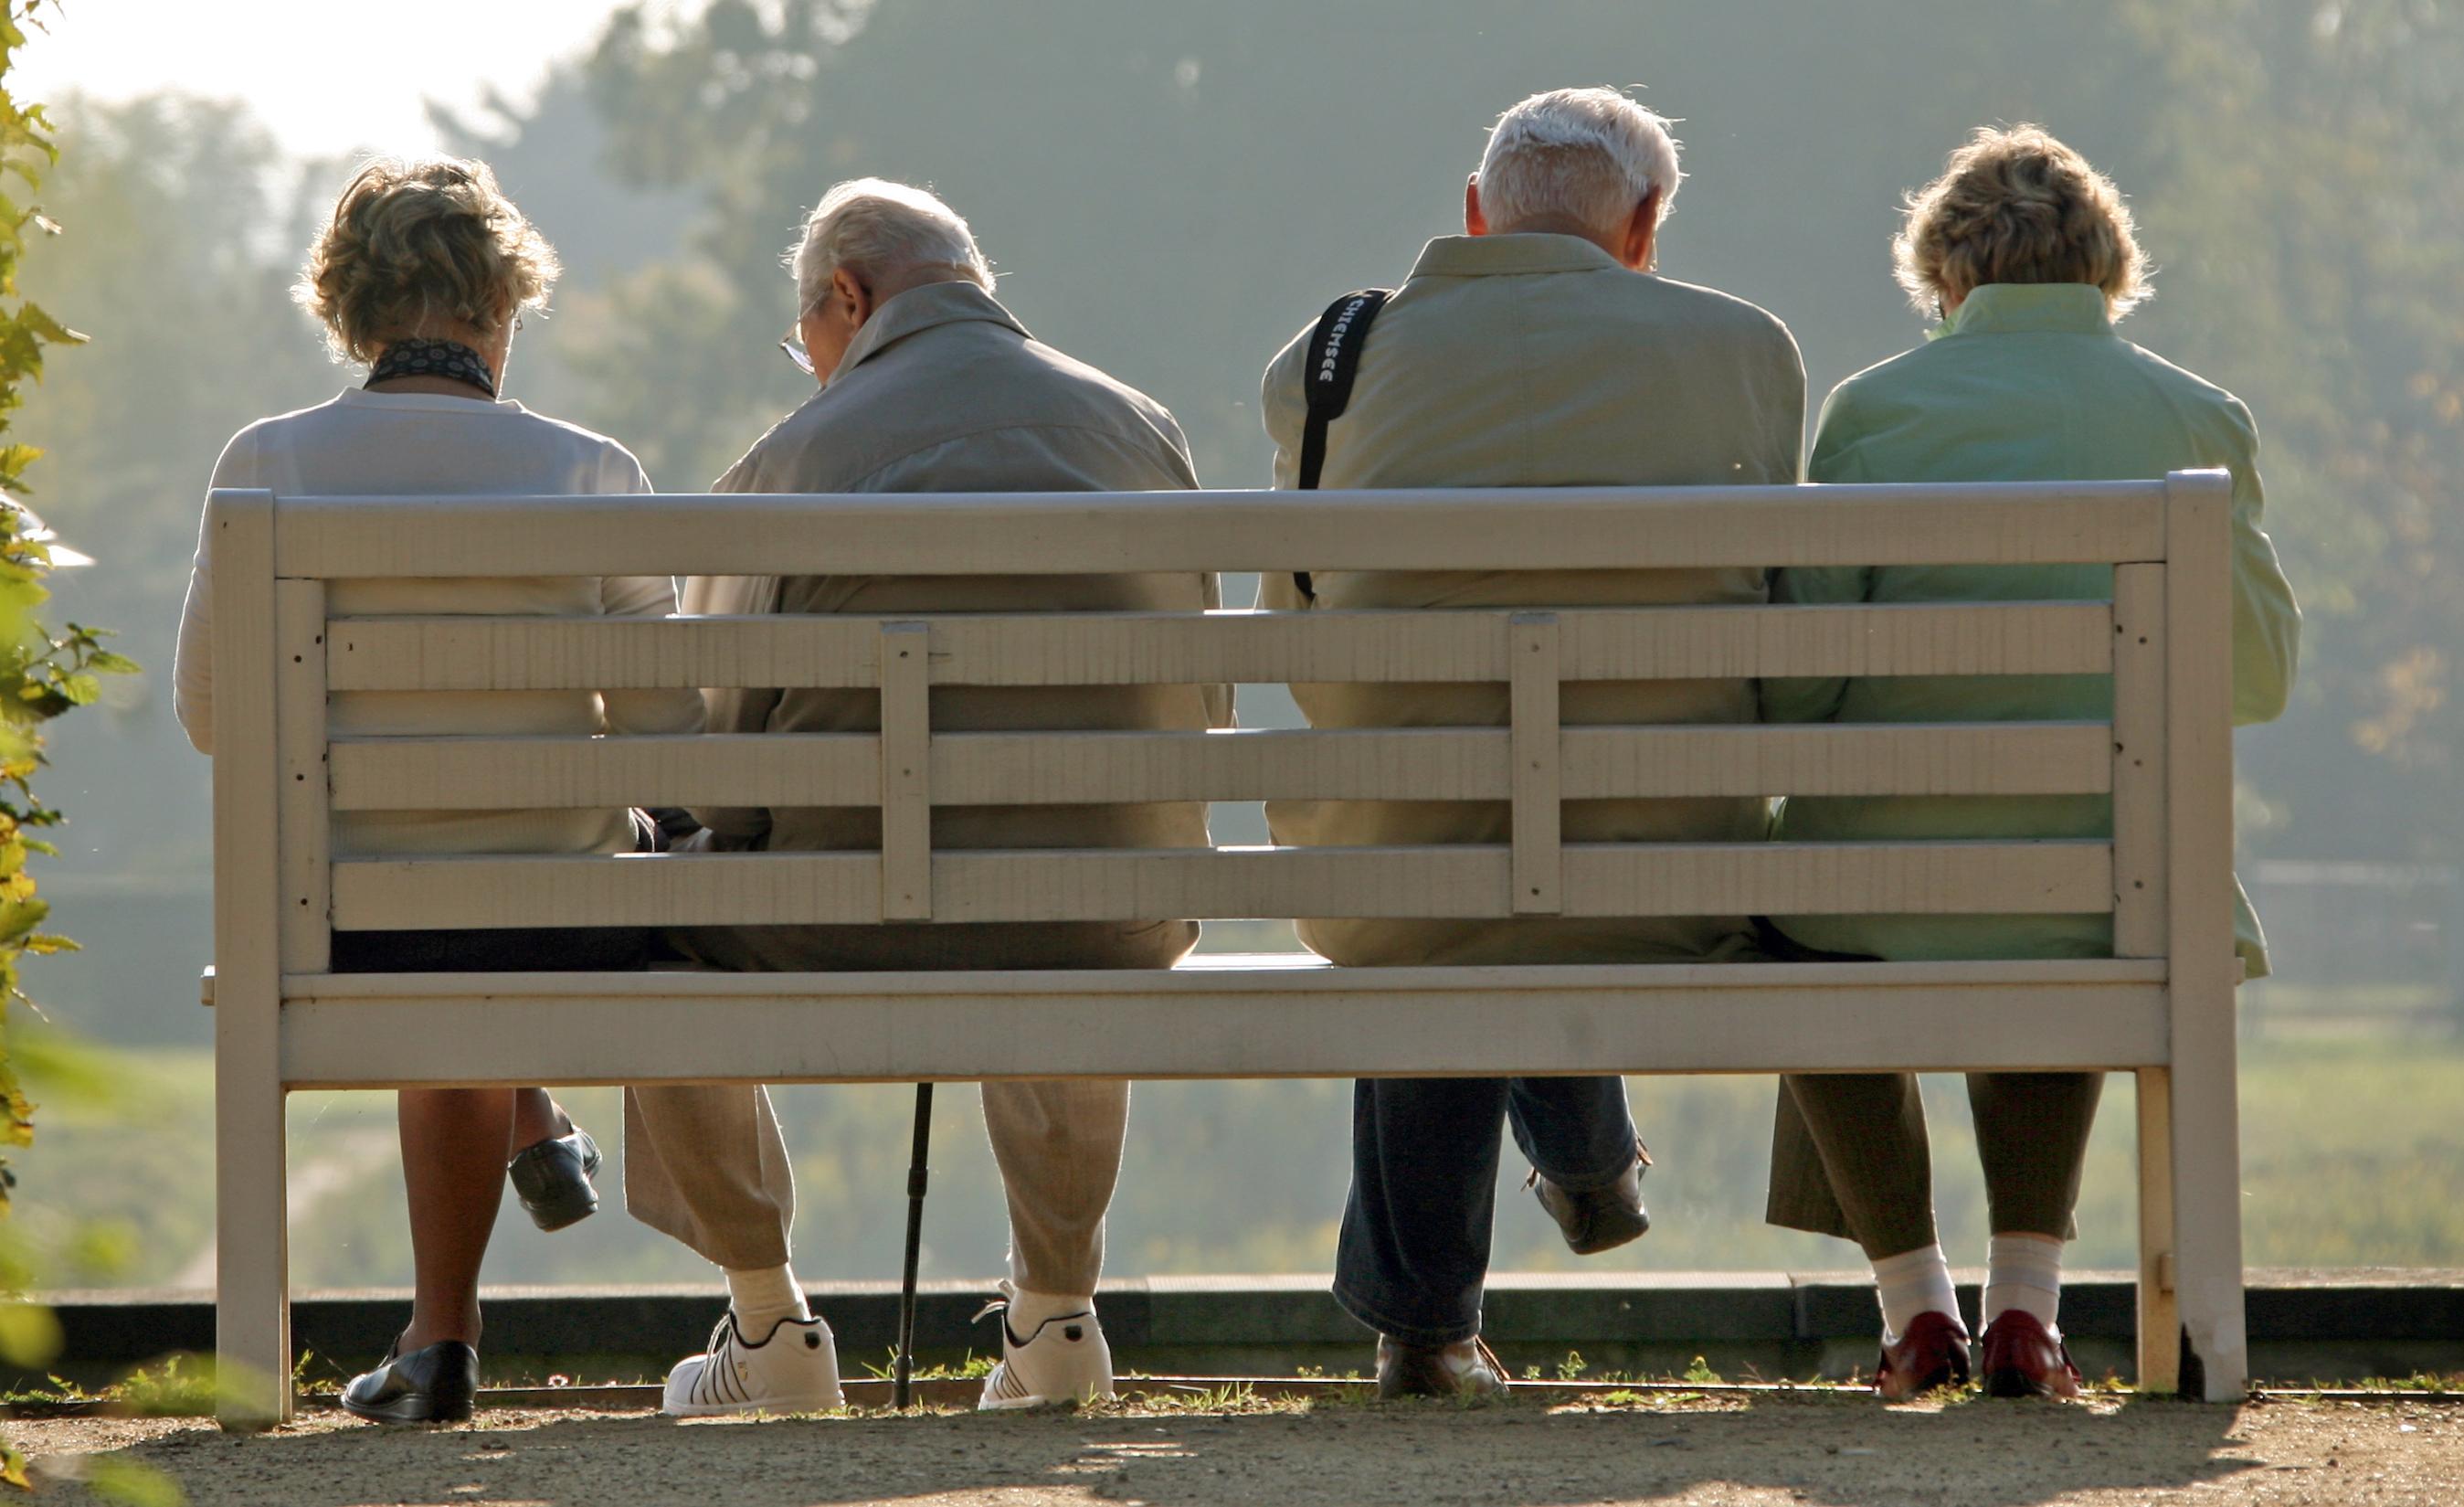 Ein Bericht schildert, wieviel Geld Rentner 2019 im Schnitt zur Verfügung hatten.